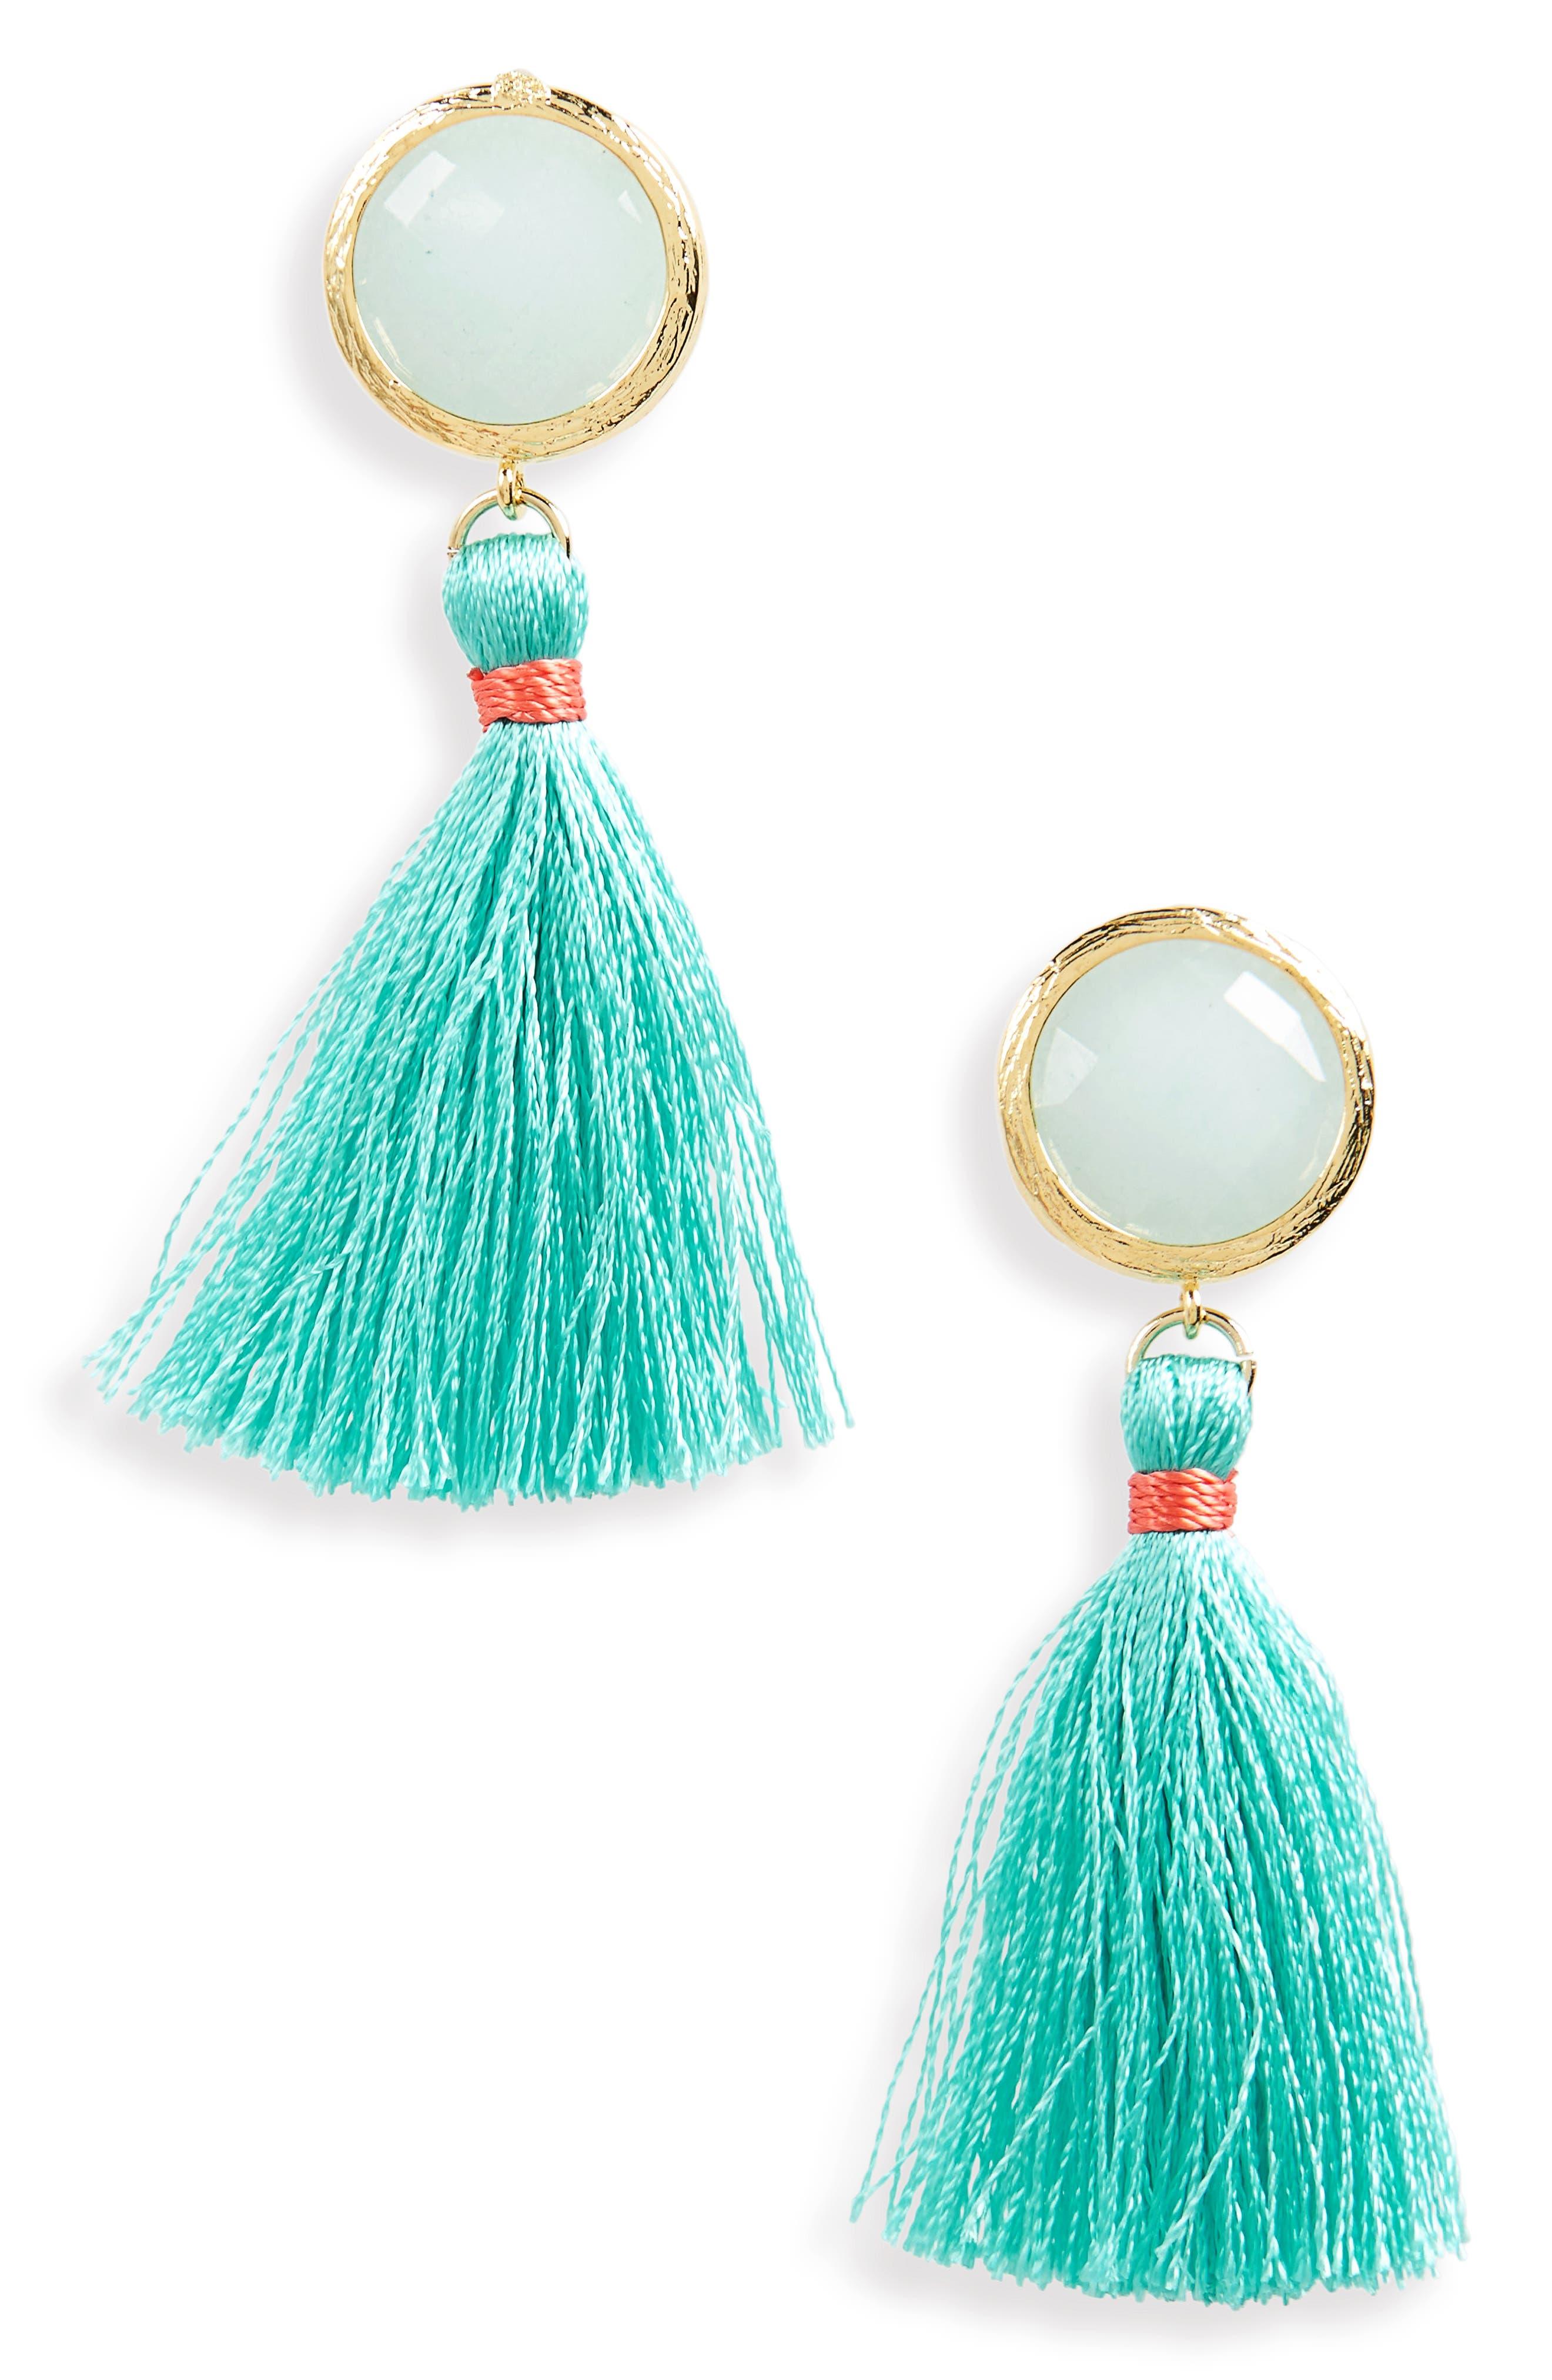 Beaded Tassel Earrings,                             Main thumbnail 1, color,                             Mint